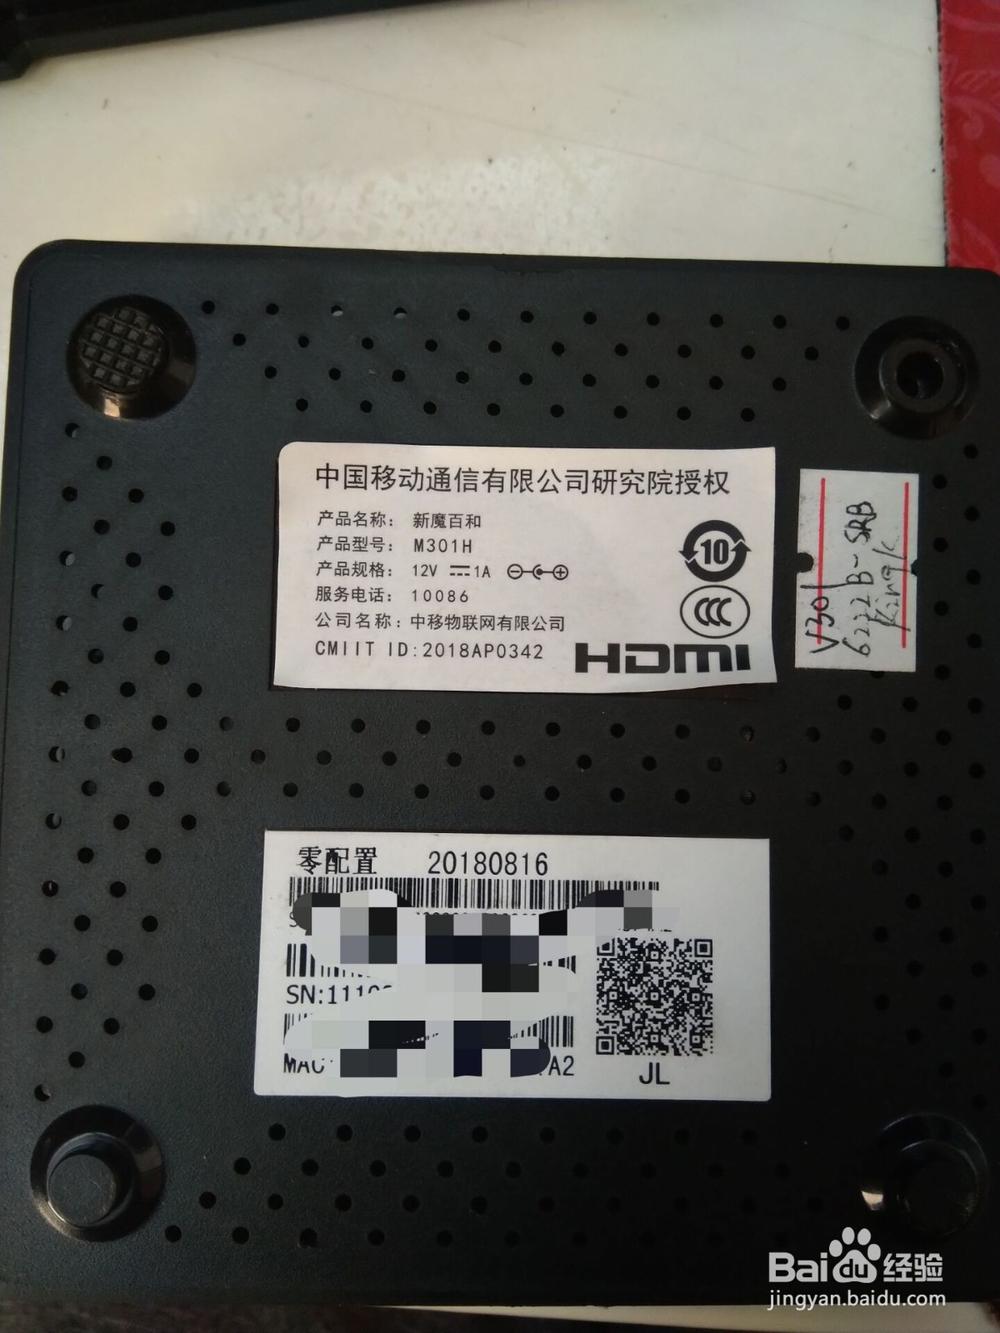 中国移动魔百盒M301H完美破解